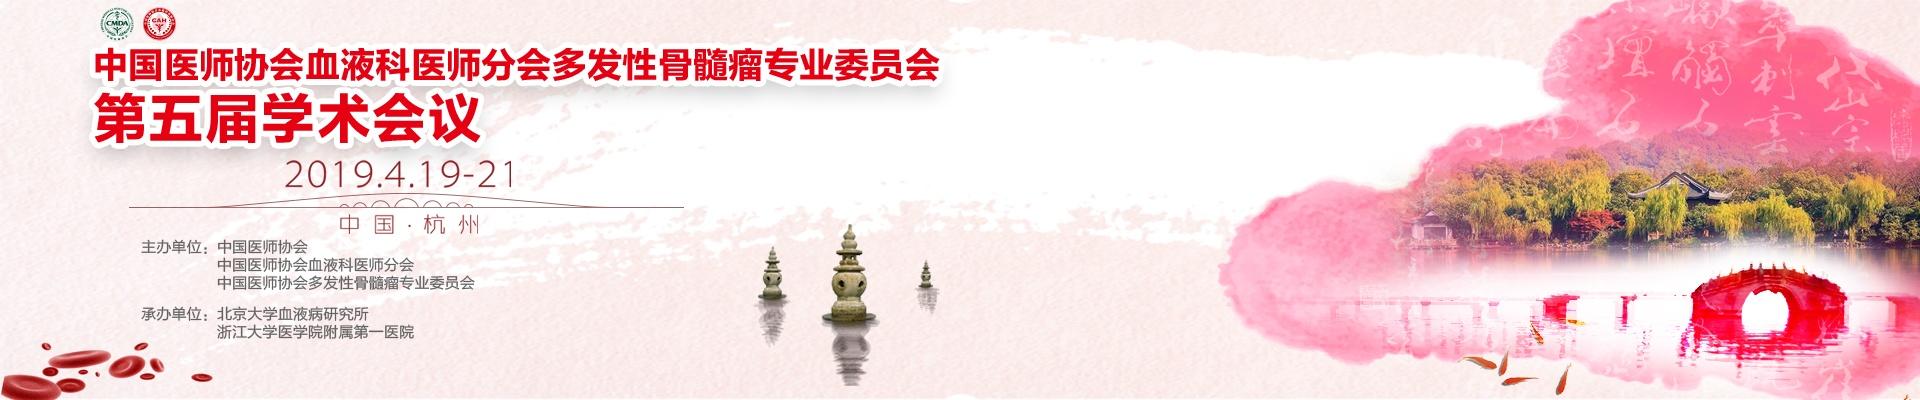 中国医师协会血液科医师分会多发性骨髓瘤专业委员会第五届学术会议